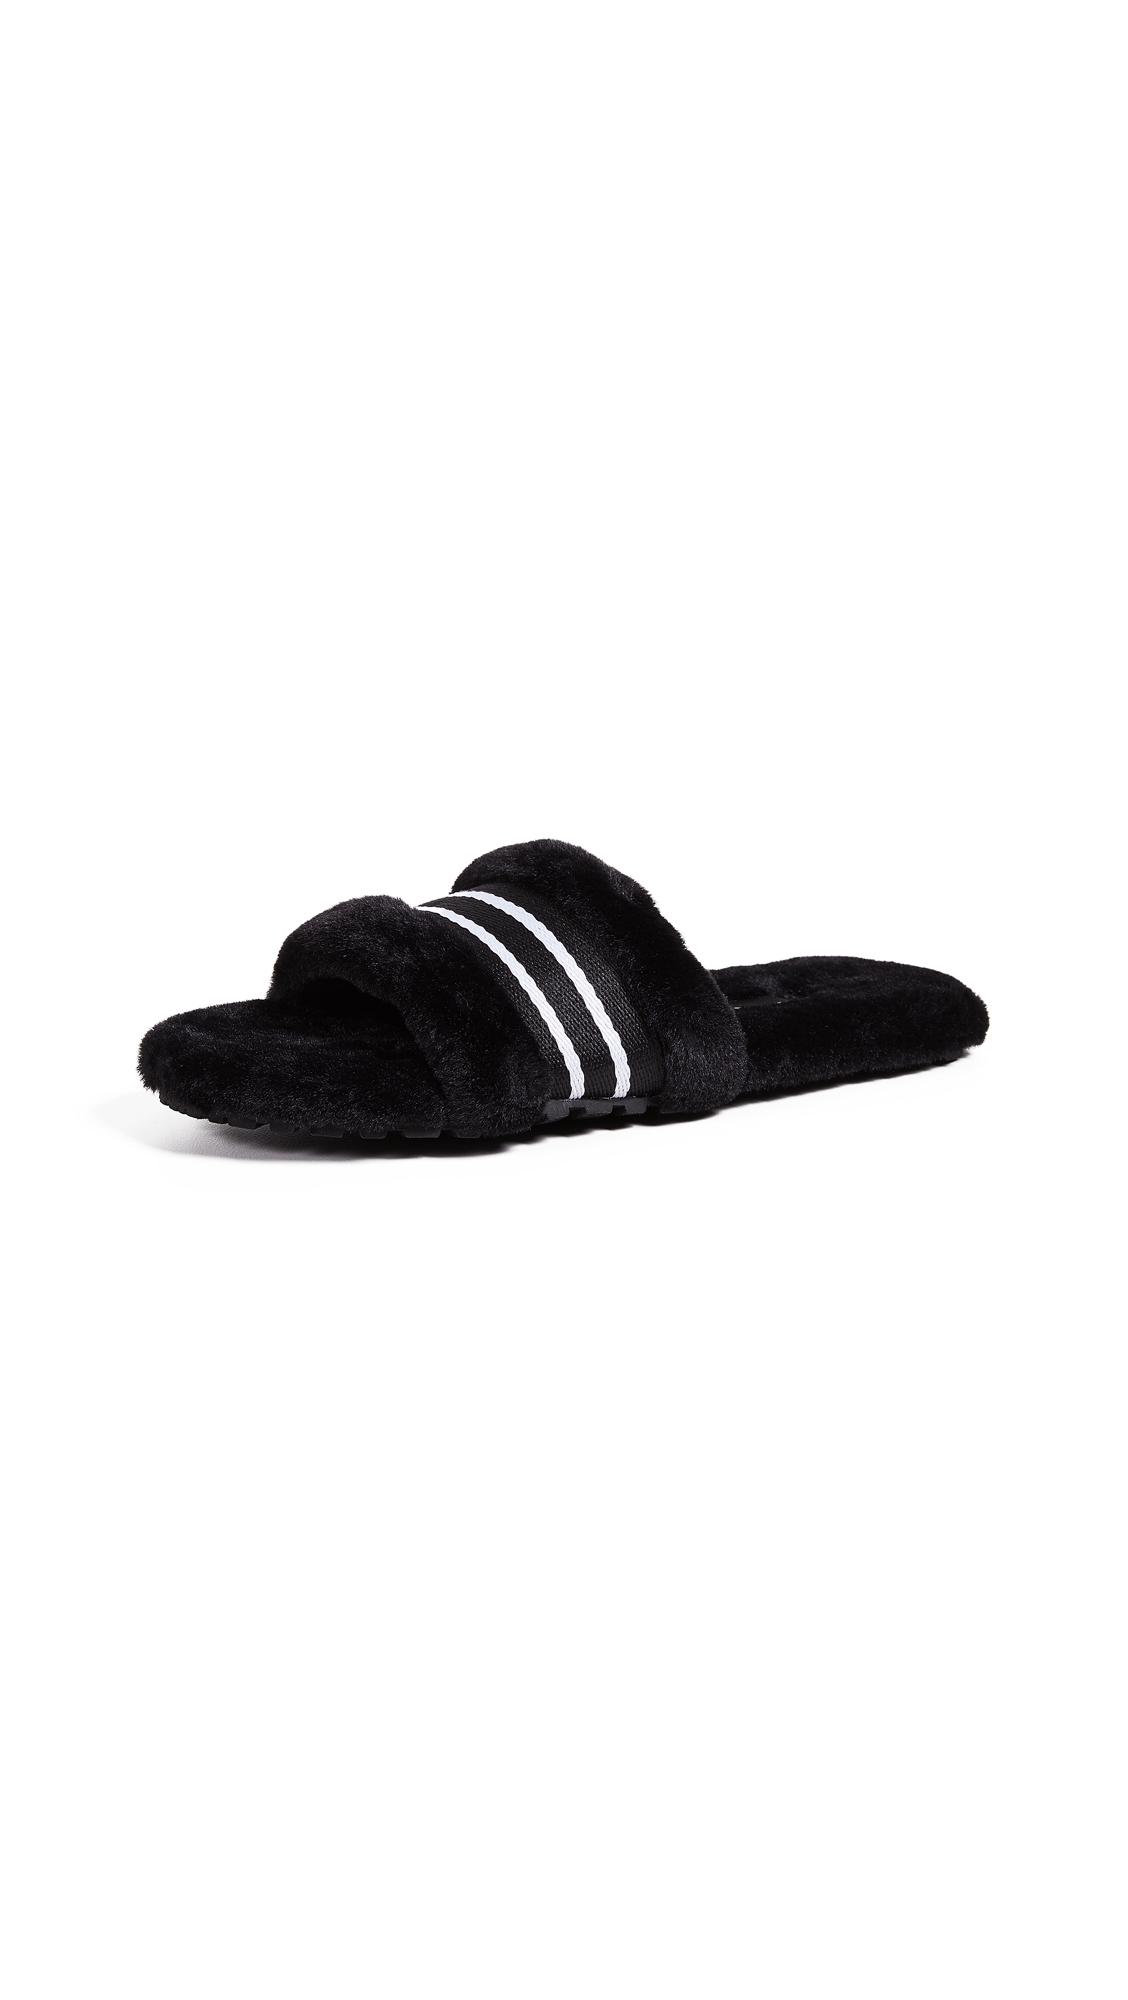 Steven Sailer Slides - Black